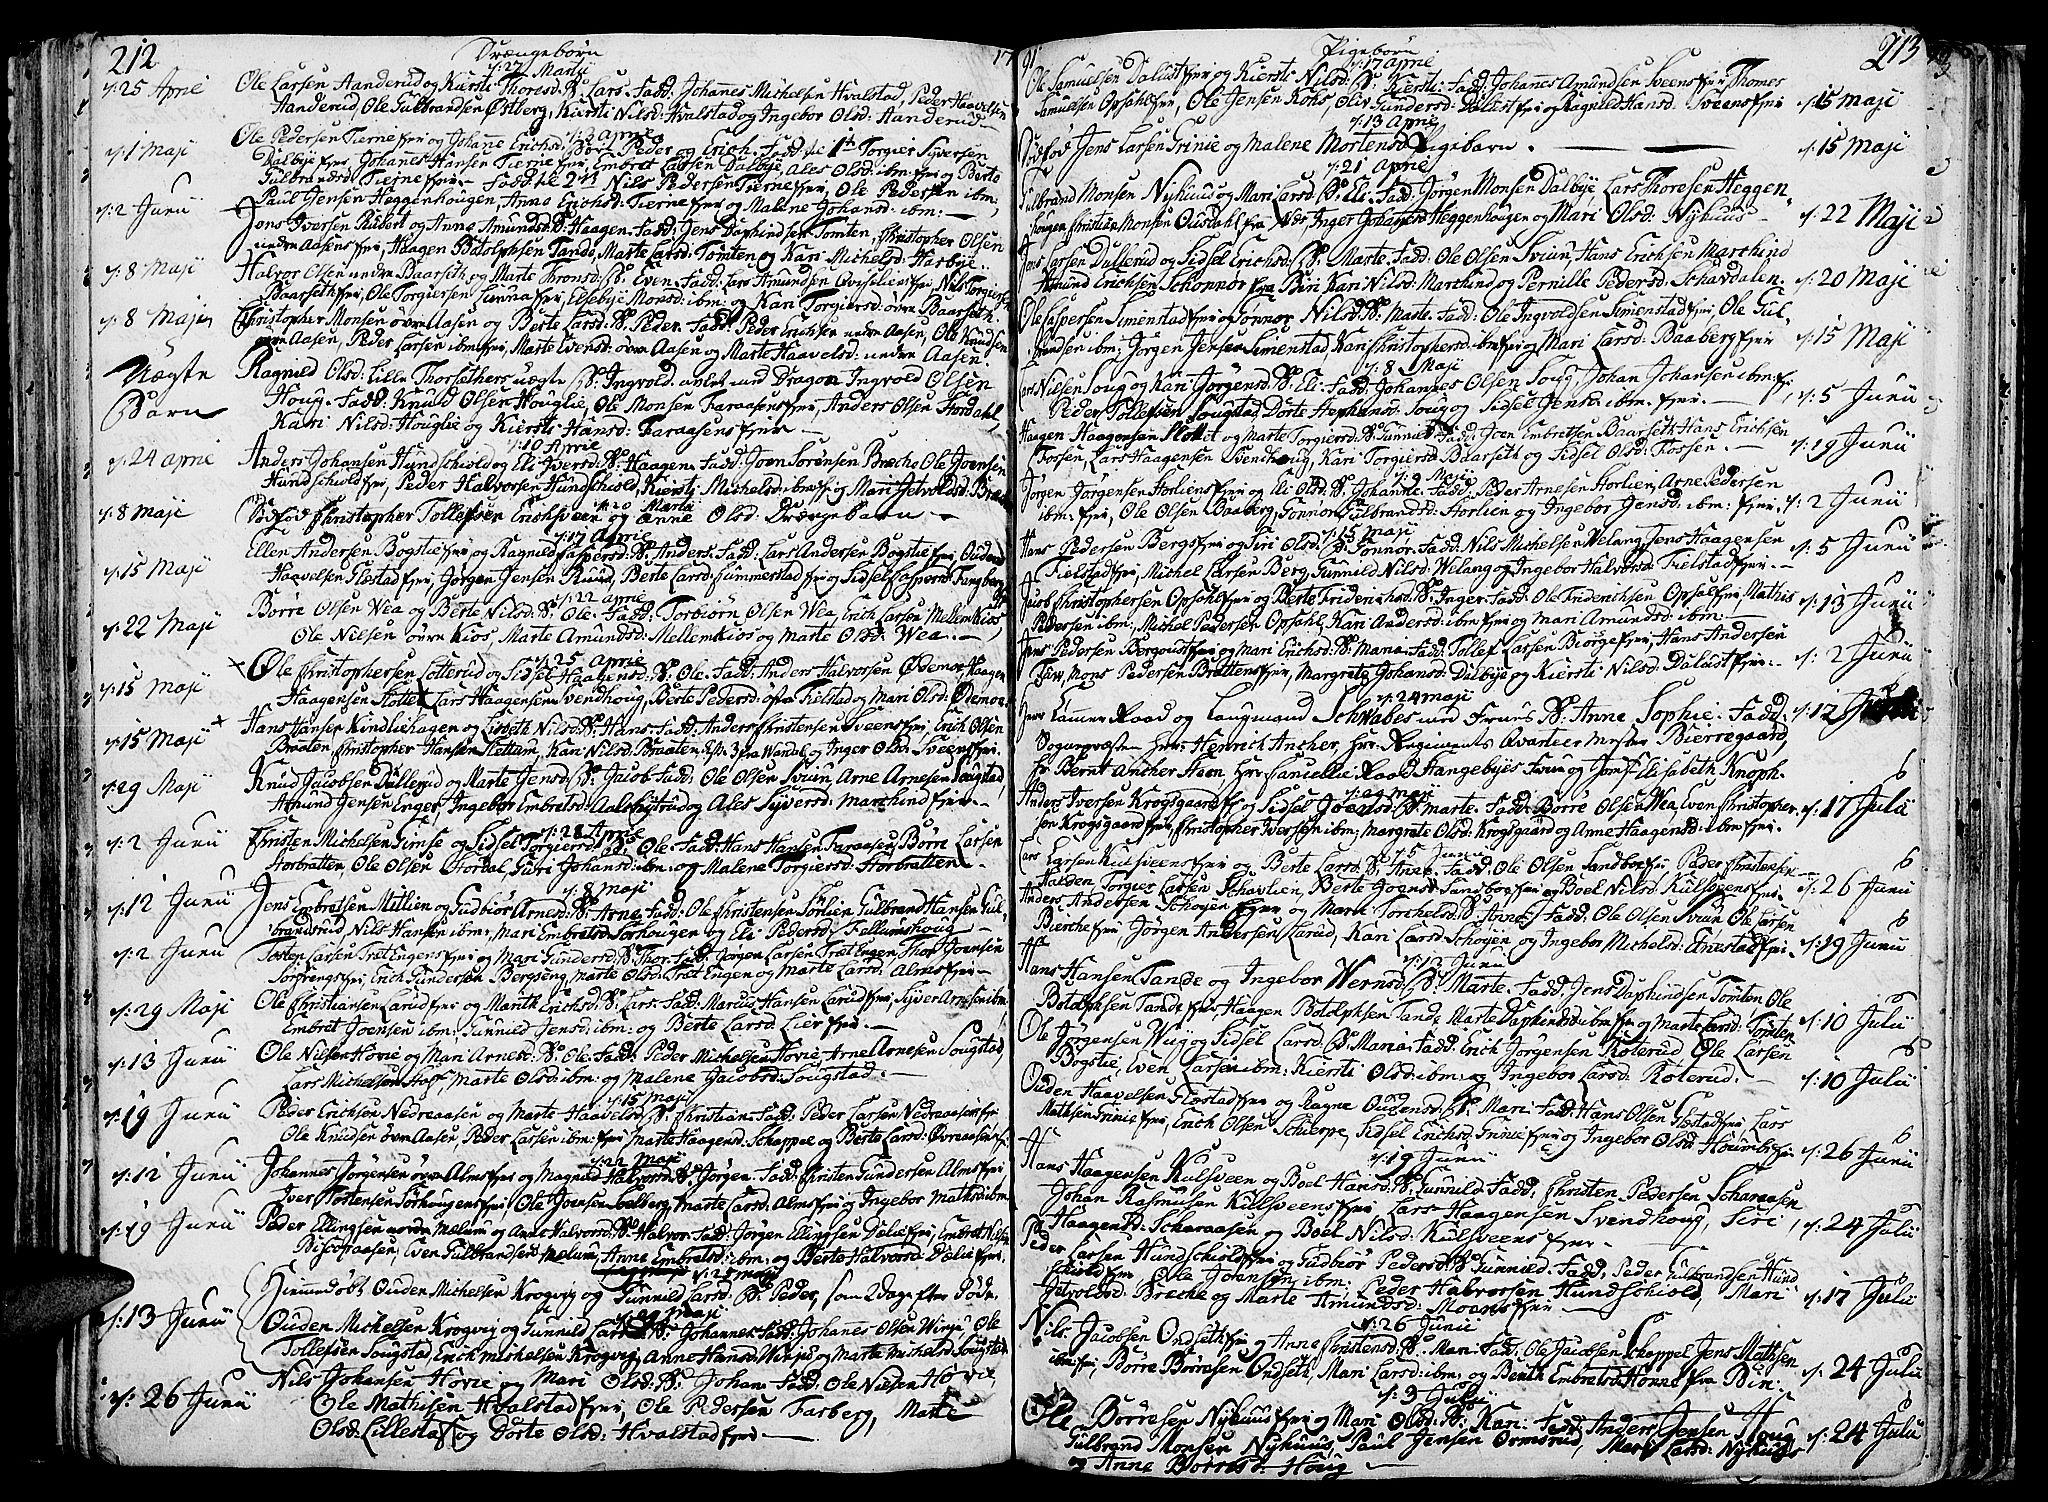 SAH, Ringsaker prestekontor, K/Ka/L0003: Ministerialbok nr. 3, 1775-1798, s. 212-213